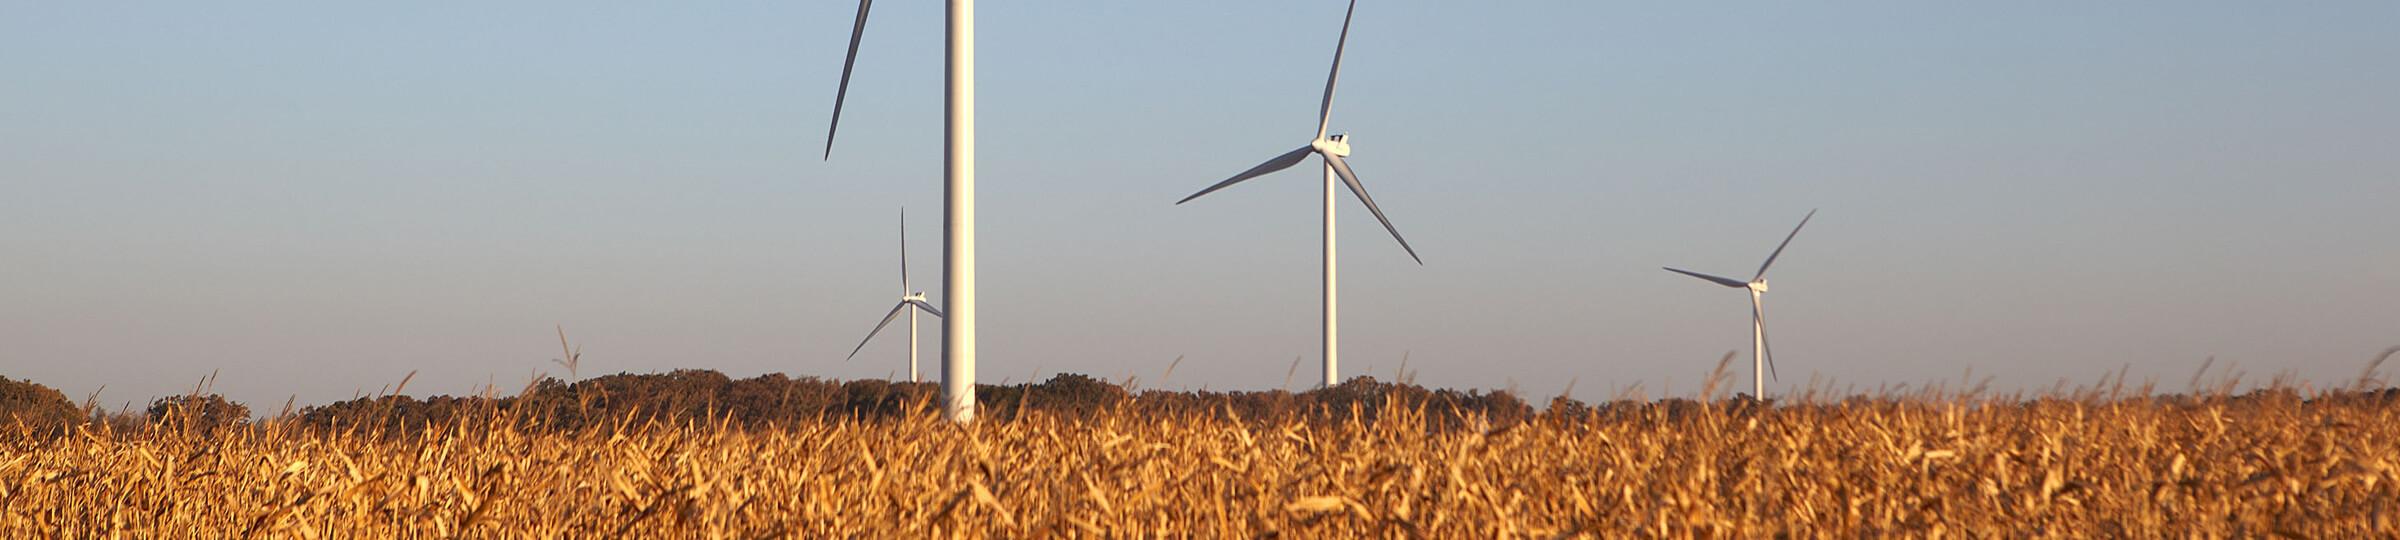 wind farm in field with blue sky